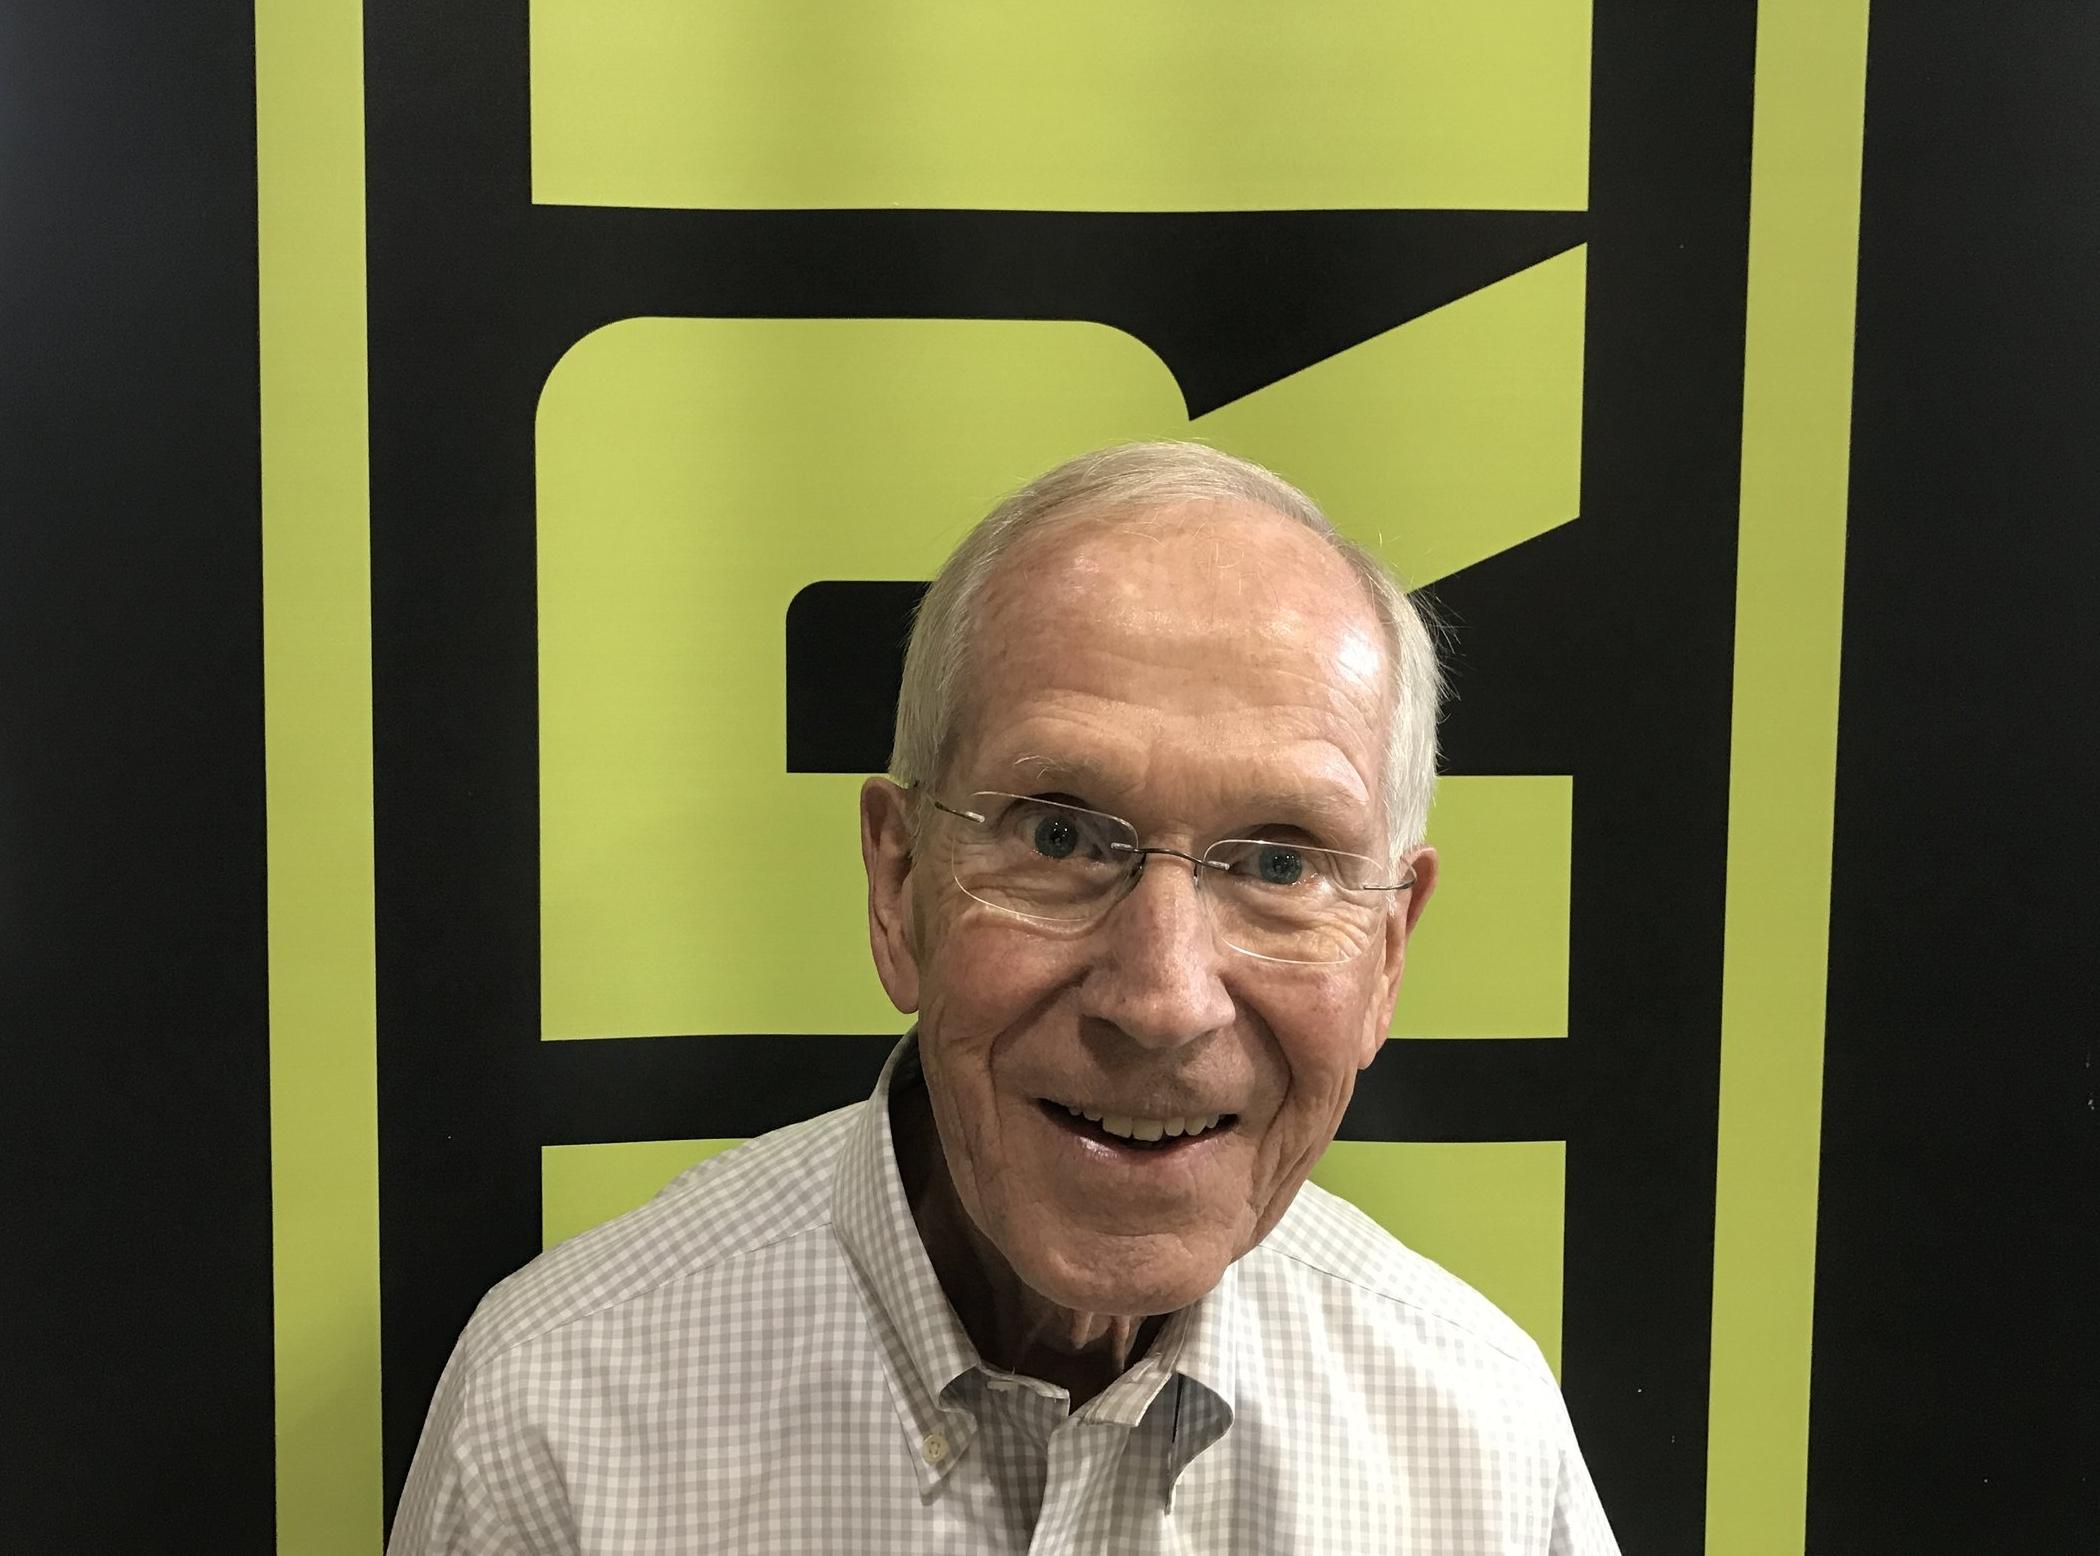 Clayton Schubert - - FOM Since: 1967Phone number: (952) 887-5401Email address:cschubert@forkliftsofmn.com